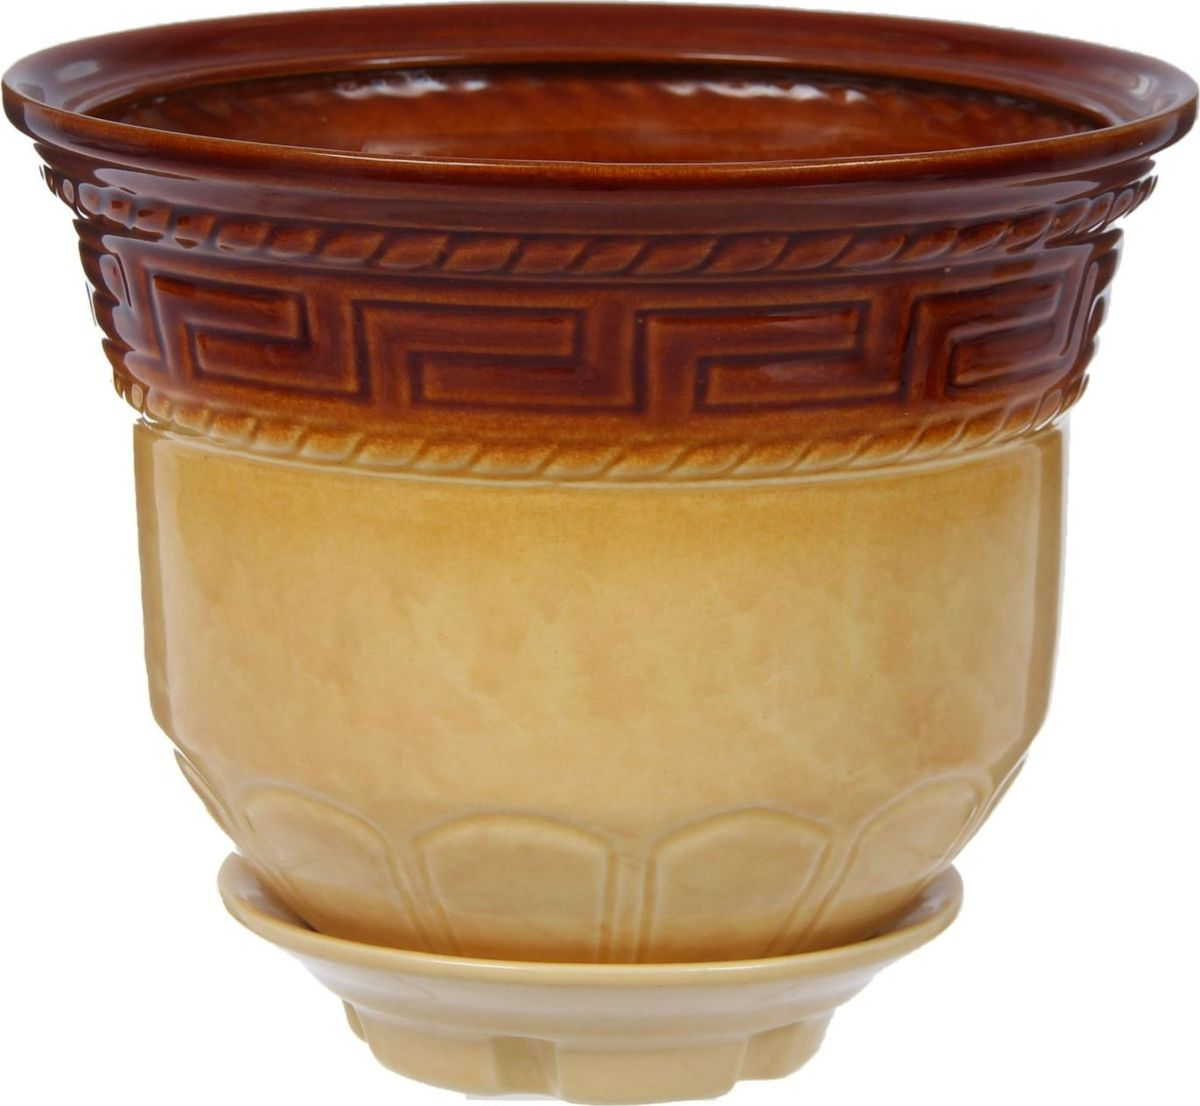 Кашпо Греция, цвет: коричневый, 3 л840716Комнатные растения — всеобщие любимцы. Они радуют глаз, насыщают помещение кислородом и украшают пространство. Каждому из них необходим свой удобный и красивый дом. Кашпо из керамики прекрасно подходят для высадки растений: за счёт пластичности глины и разных способов обработки существует великое множество форм и дизайновпористый материал позволяет испаряться лишней влагевоздух, необходимый для дыхания корней, проникает сквозь керамические стенки! #name# позаботится о зелёном питомце, освежит интерьер и подчеркнёт его стиль.